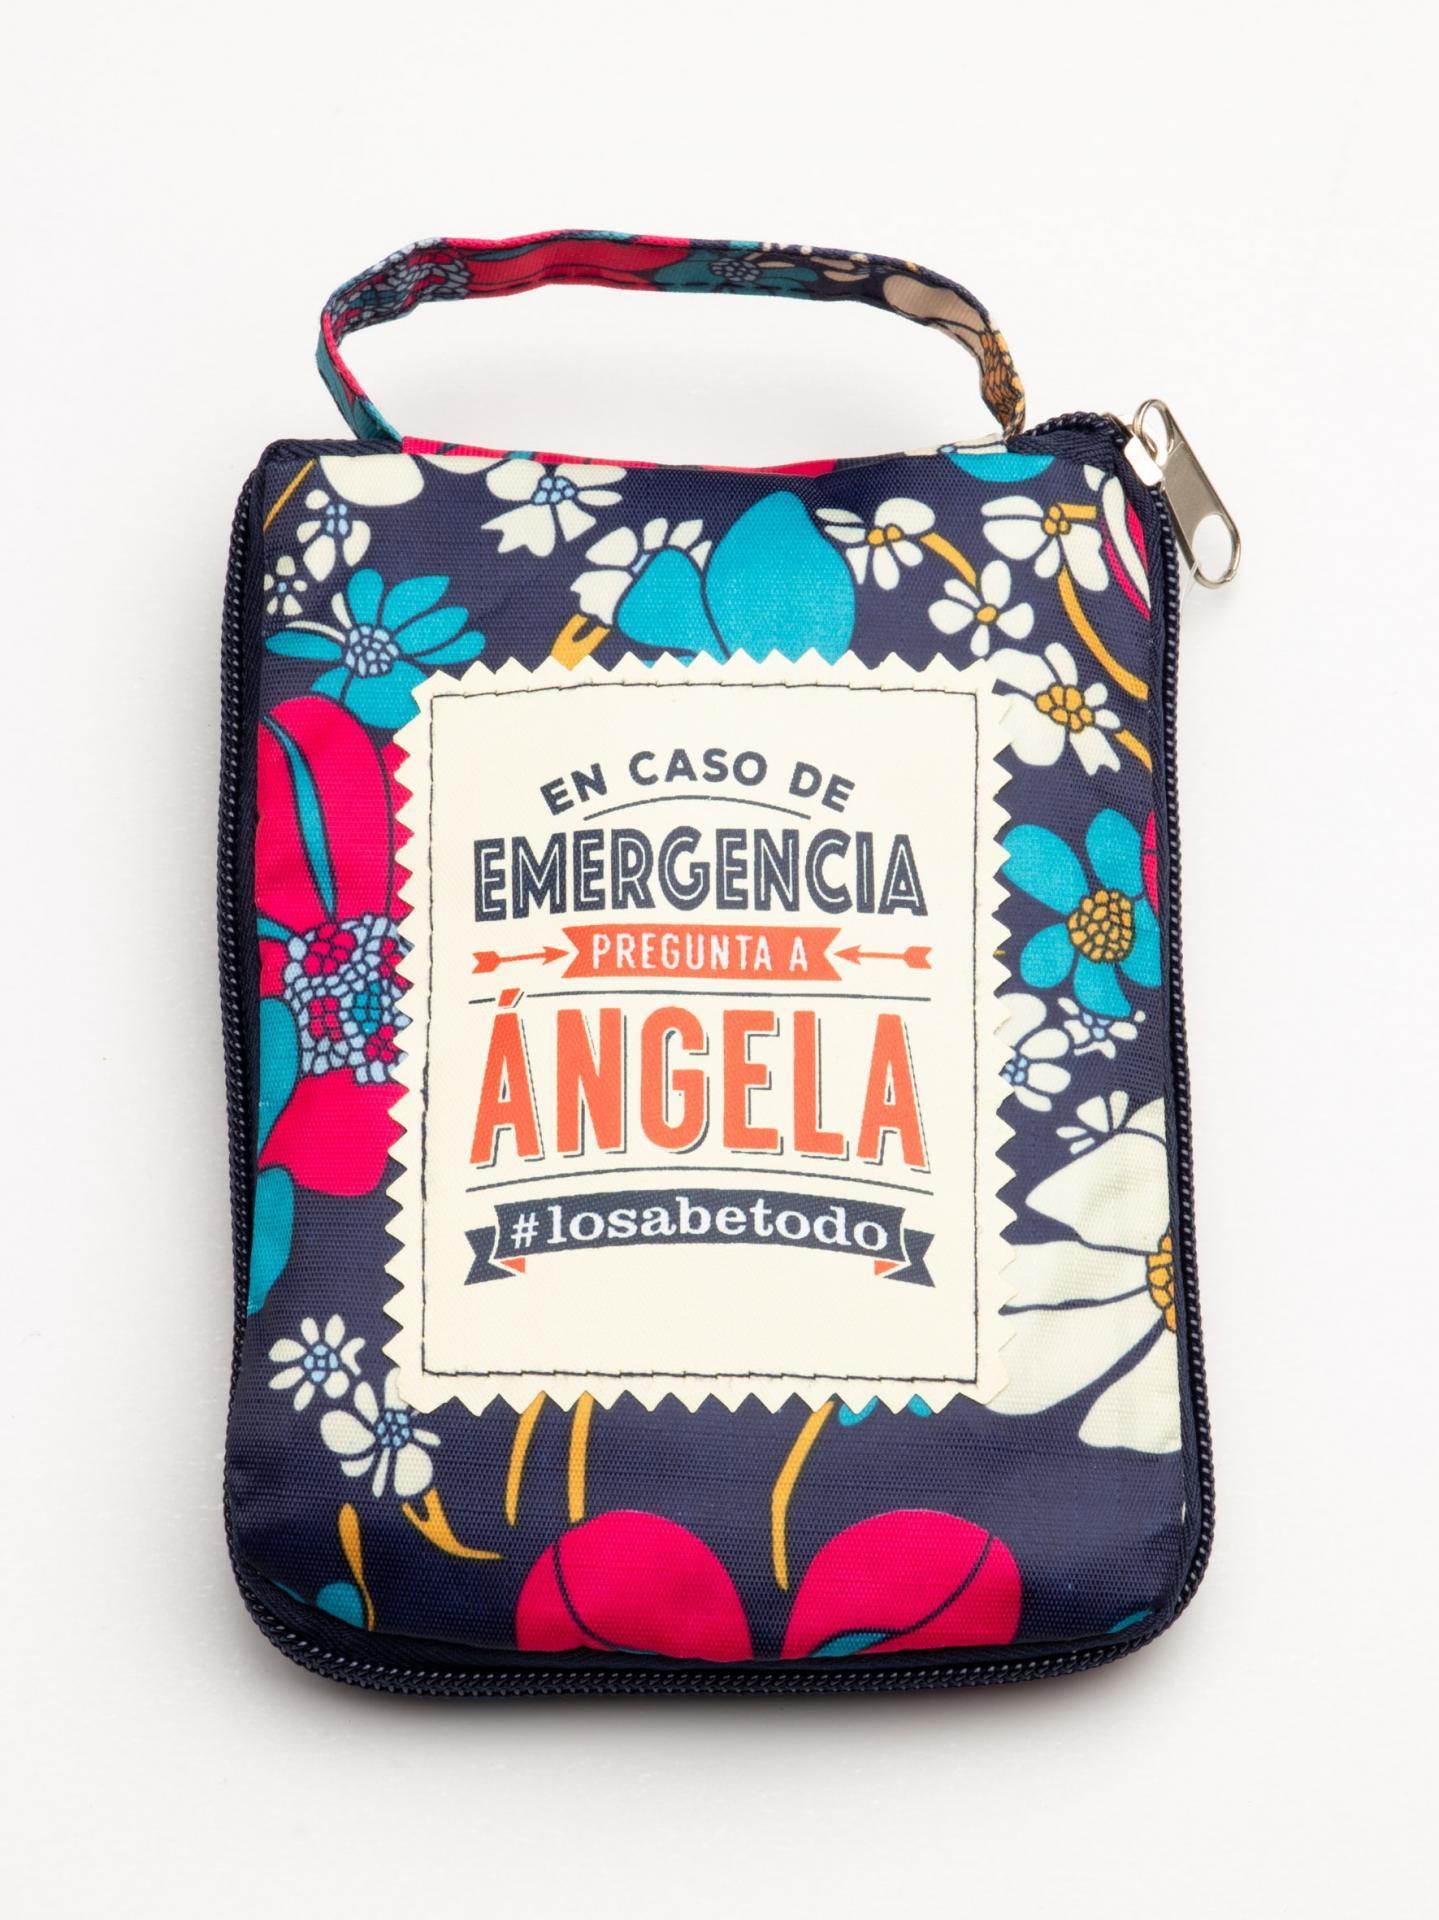 Bolsa con mensaje ANGELA